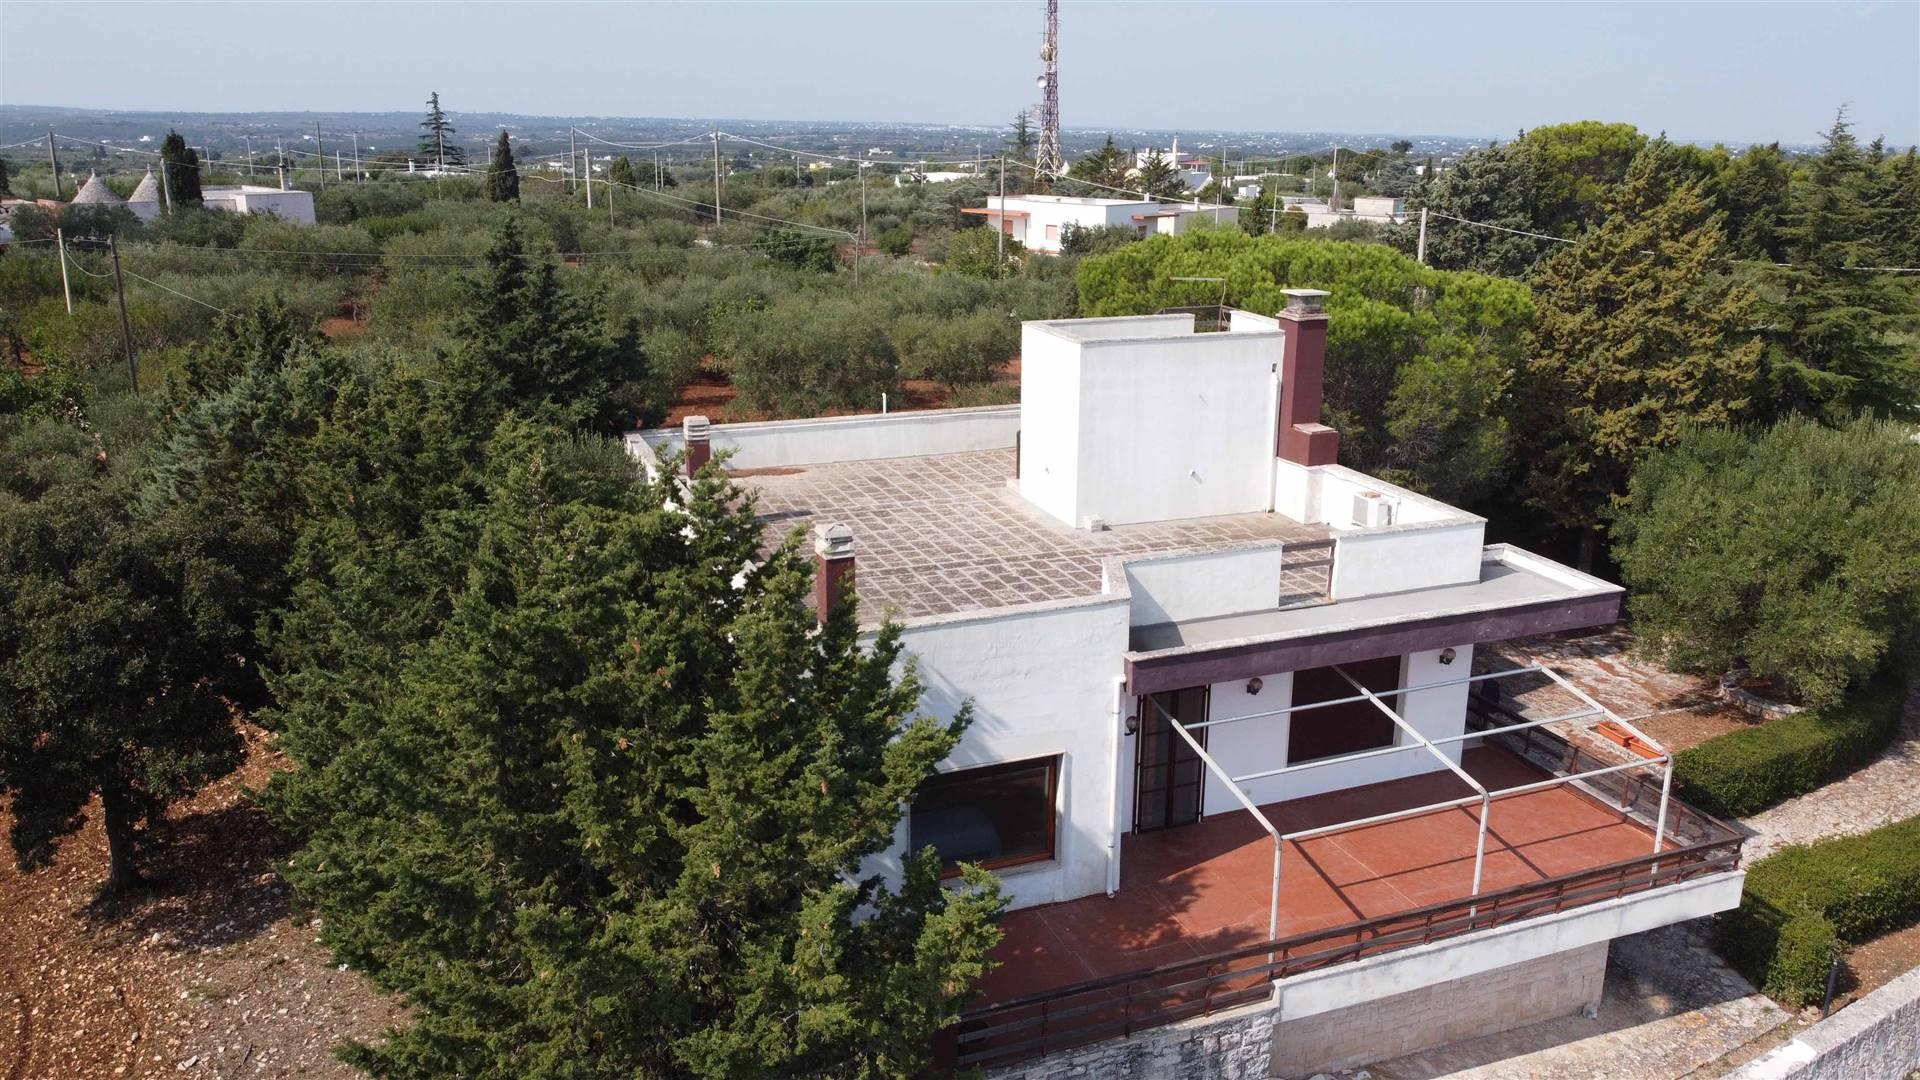 Villa in vendita a Monopoli, 4 locali, prezzo € 235.000 | PortaleAgenzieImmobiliari.it